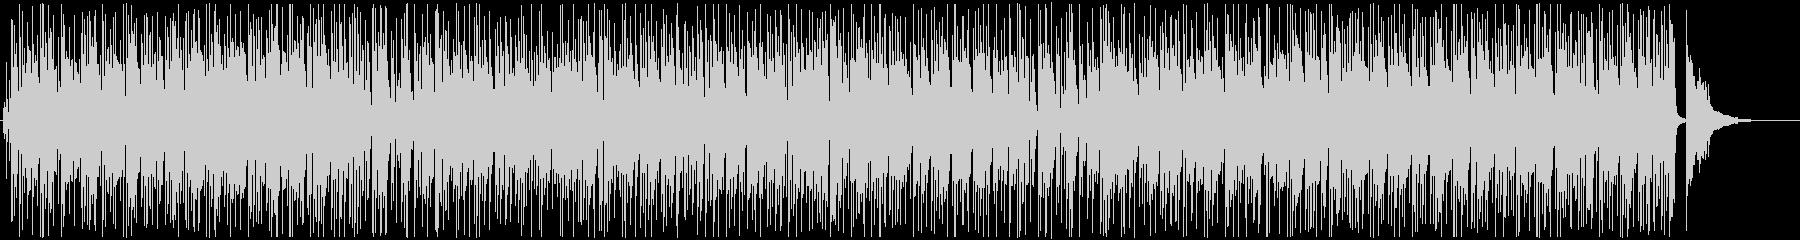 ピアノとサックスのボサノバジャズ♪の未再生の波形